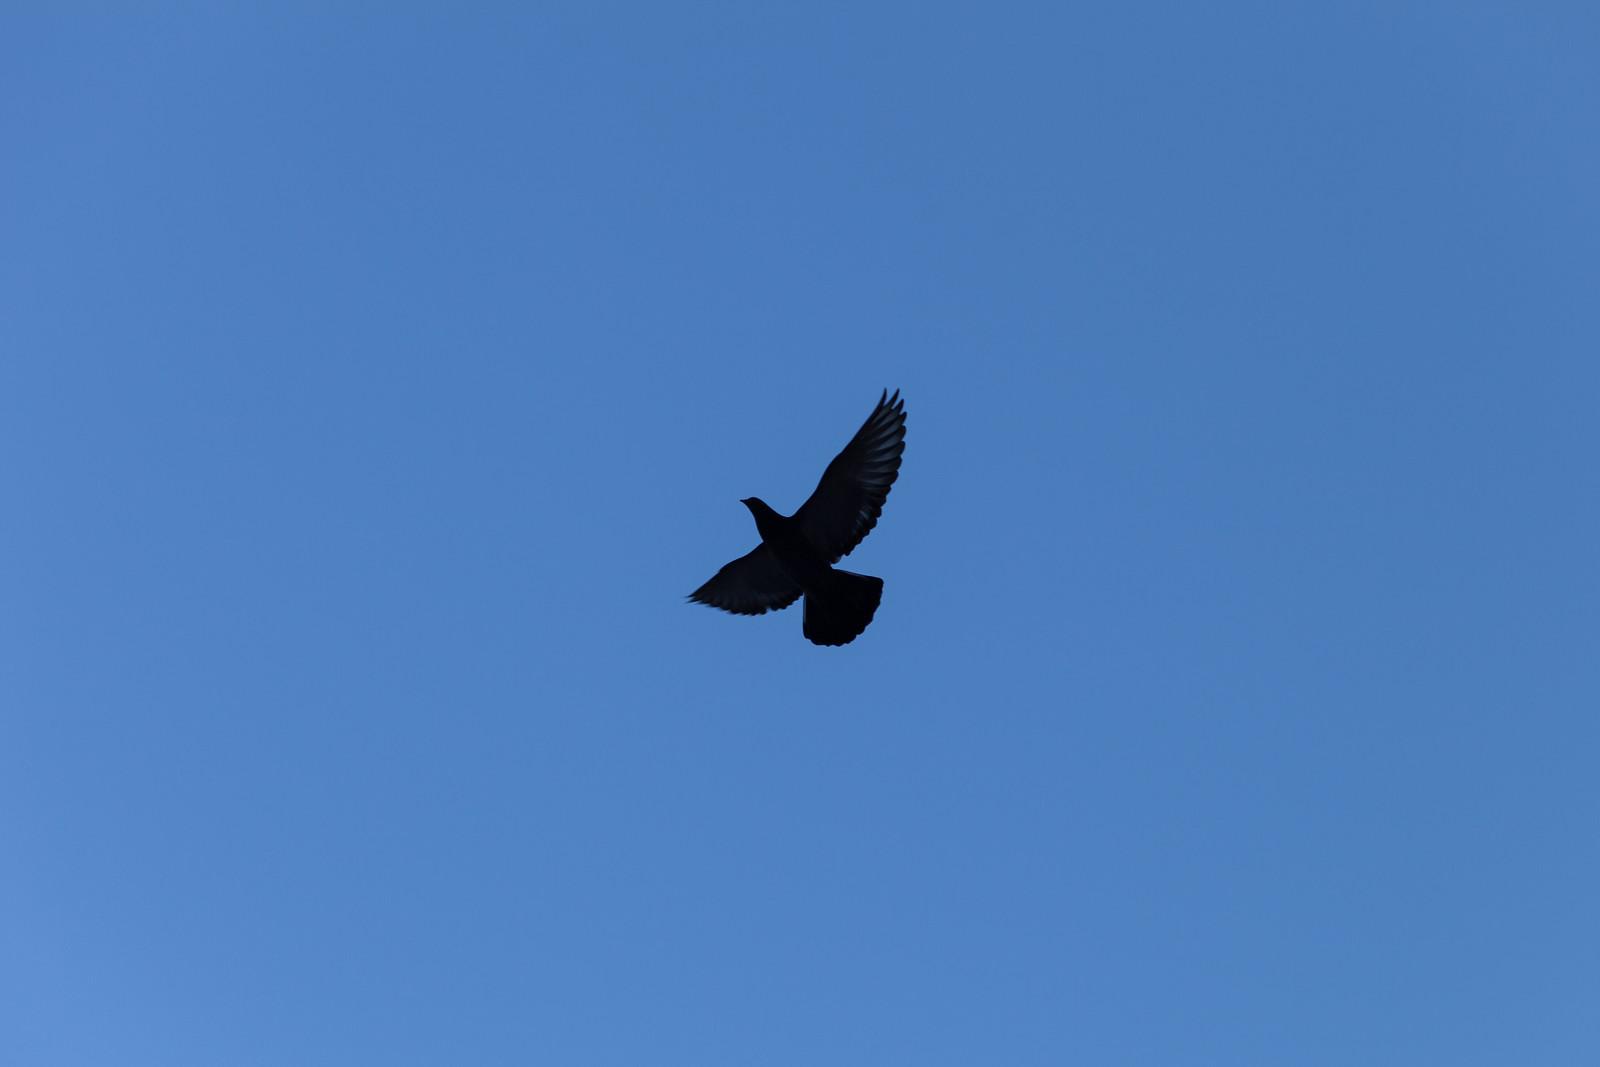 A Pigeon in Flight by wwward0